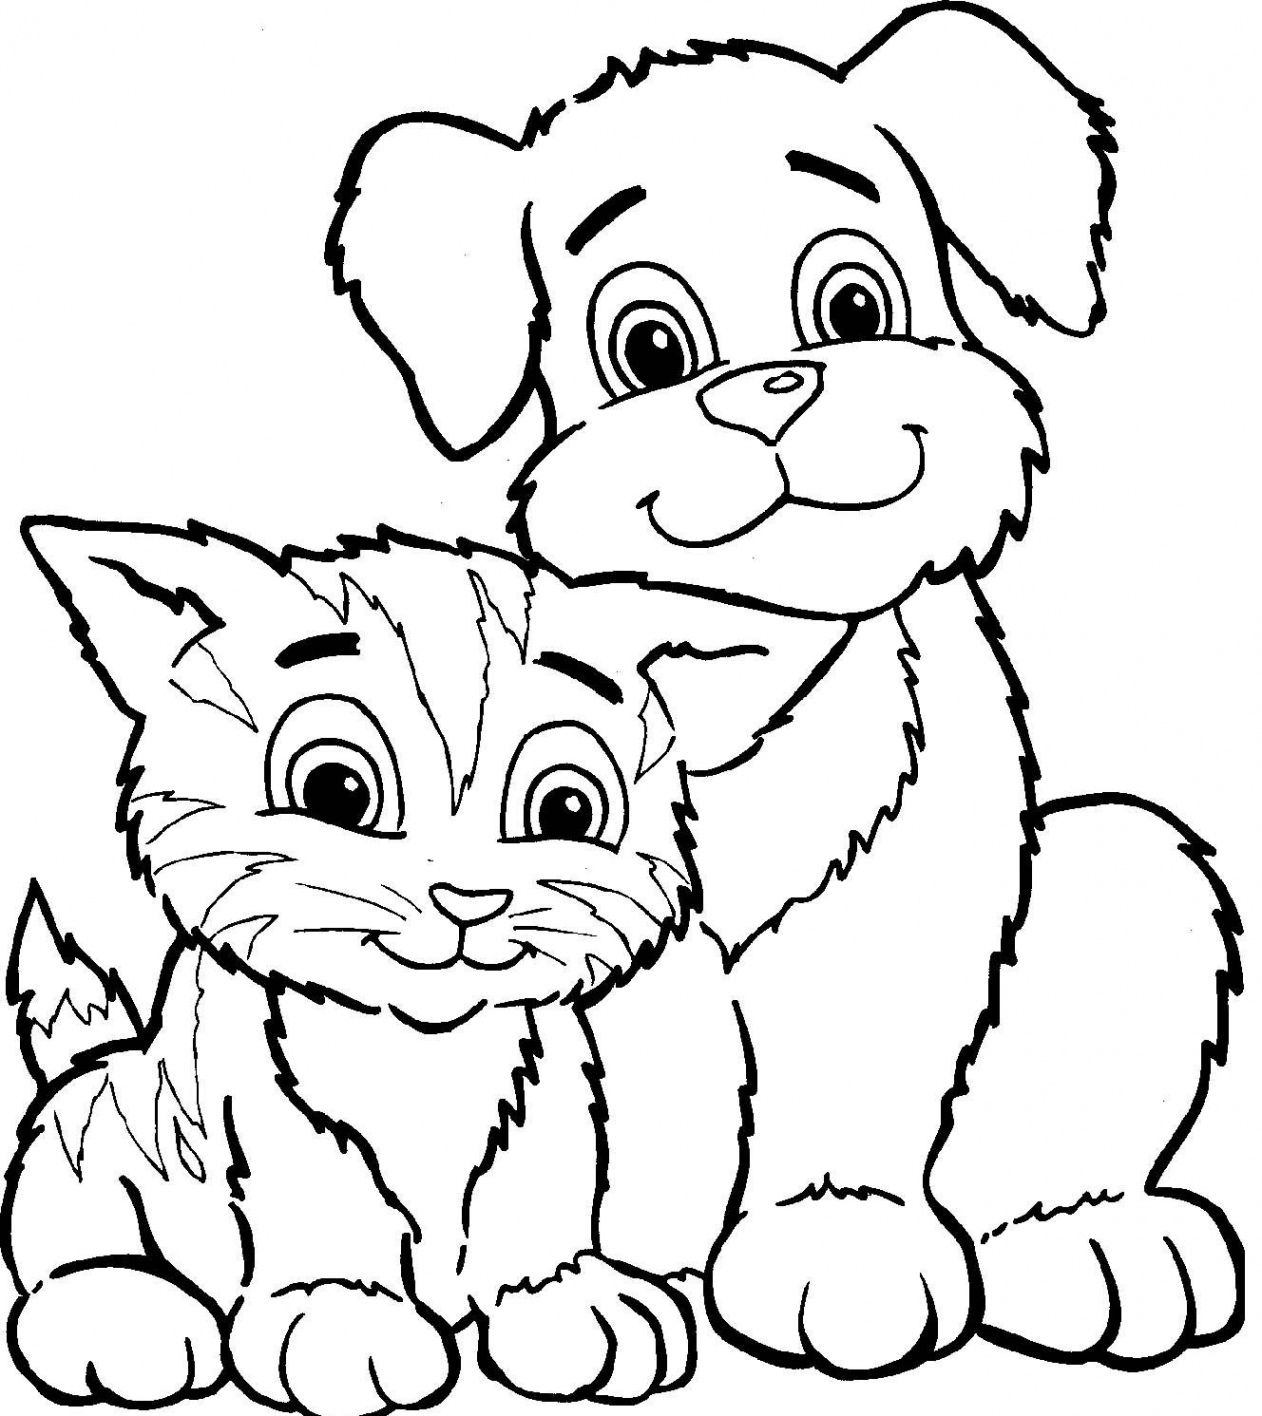 Coloriage Chien Et Chat A Imprimer destiné Coloriage De Chiot A Imprimer